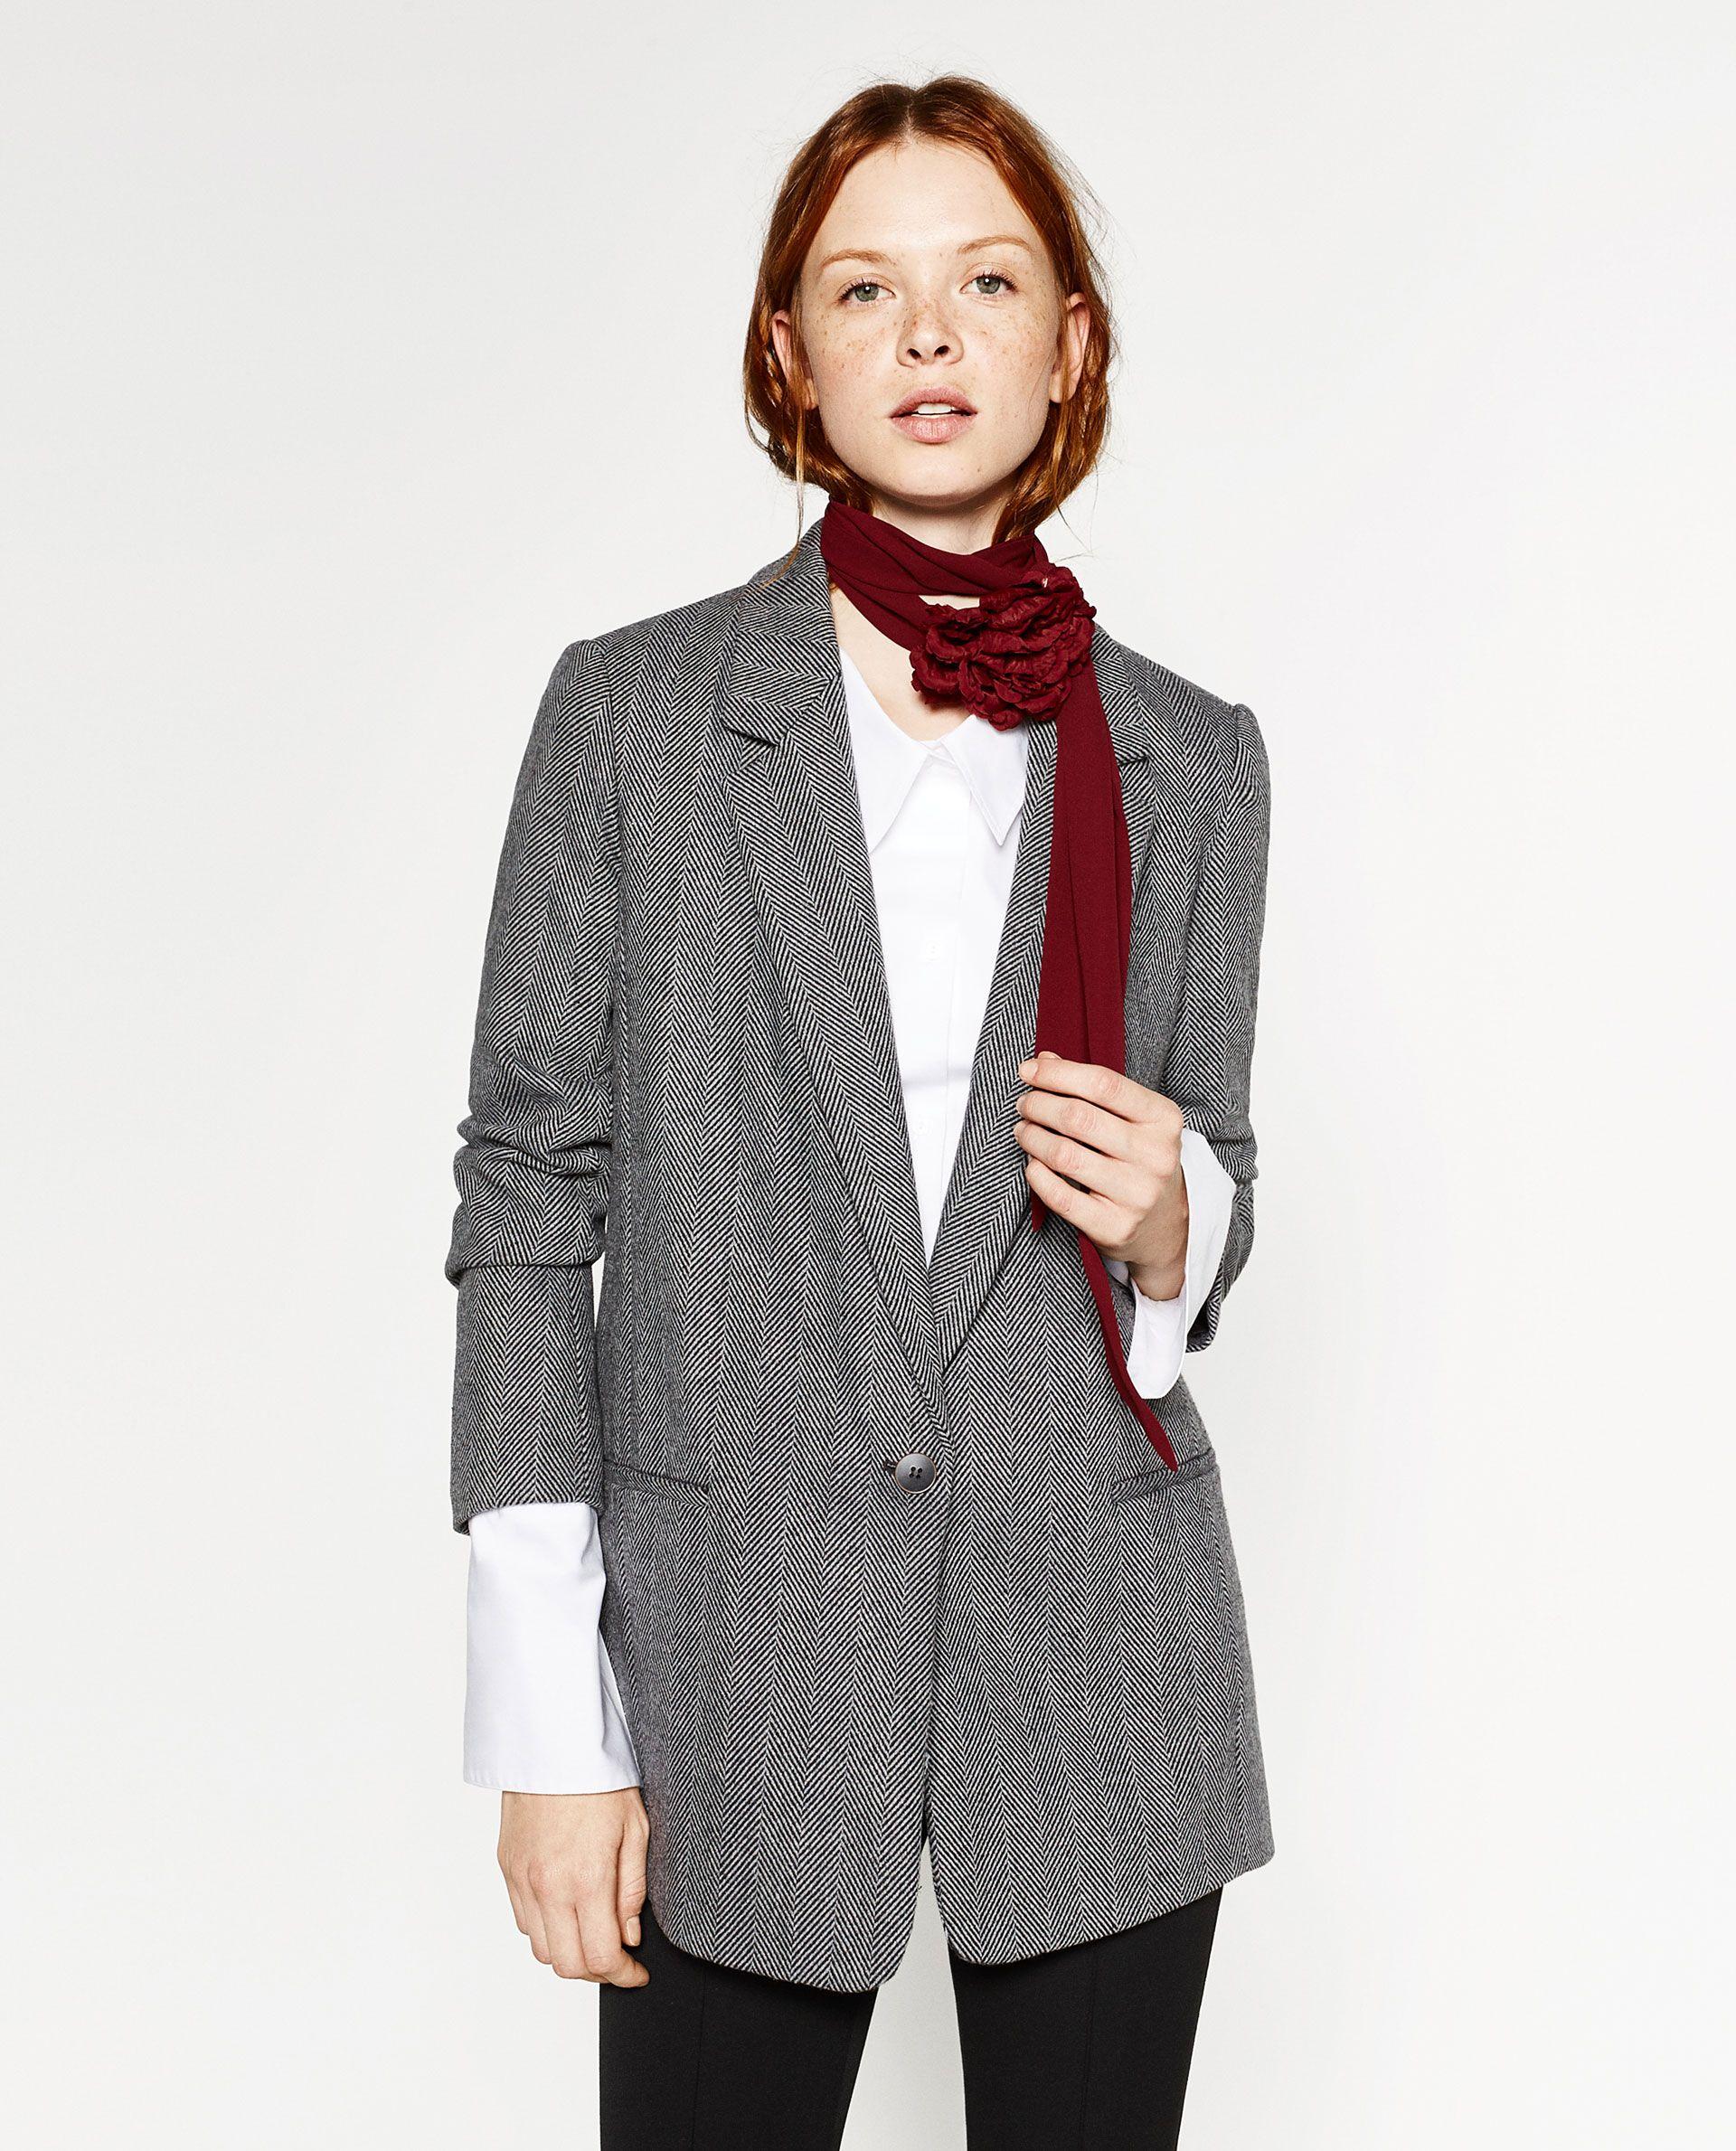 OVERSIZED BLAZER | What to wear | Pinterest | Oversized blazer ...